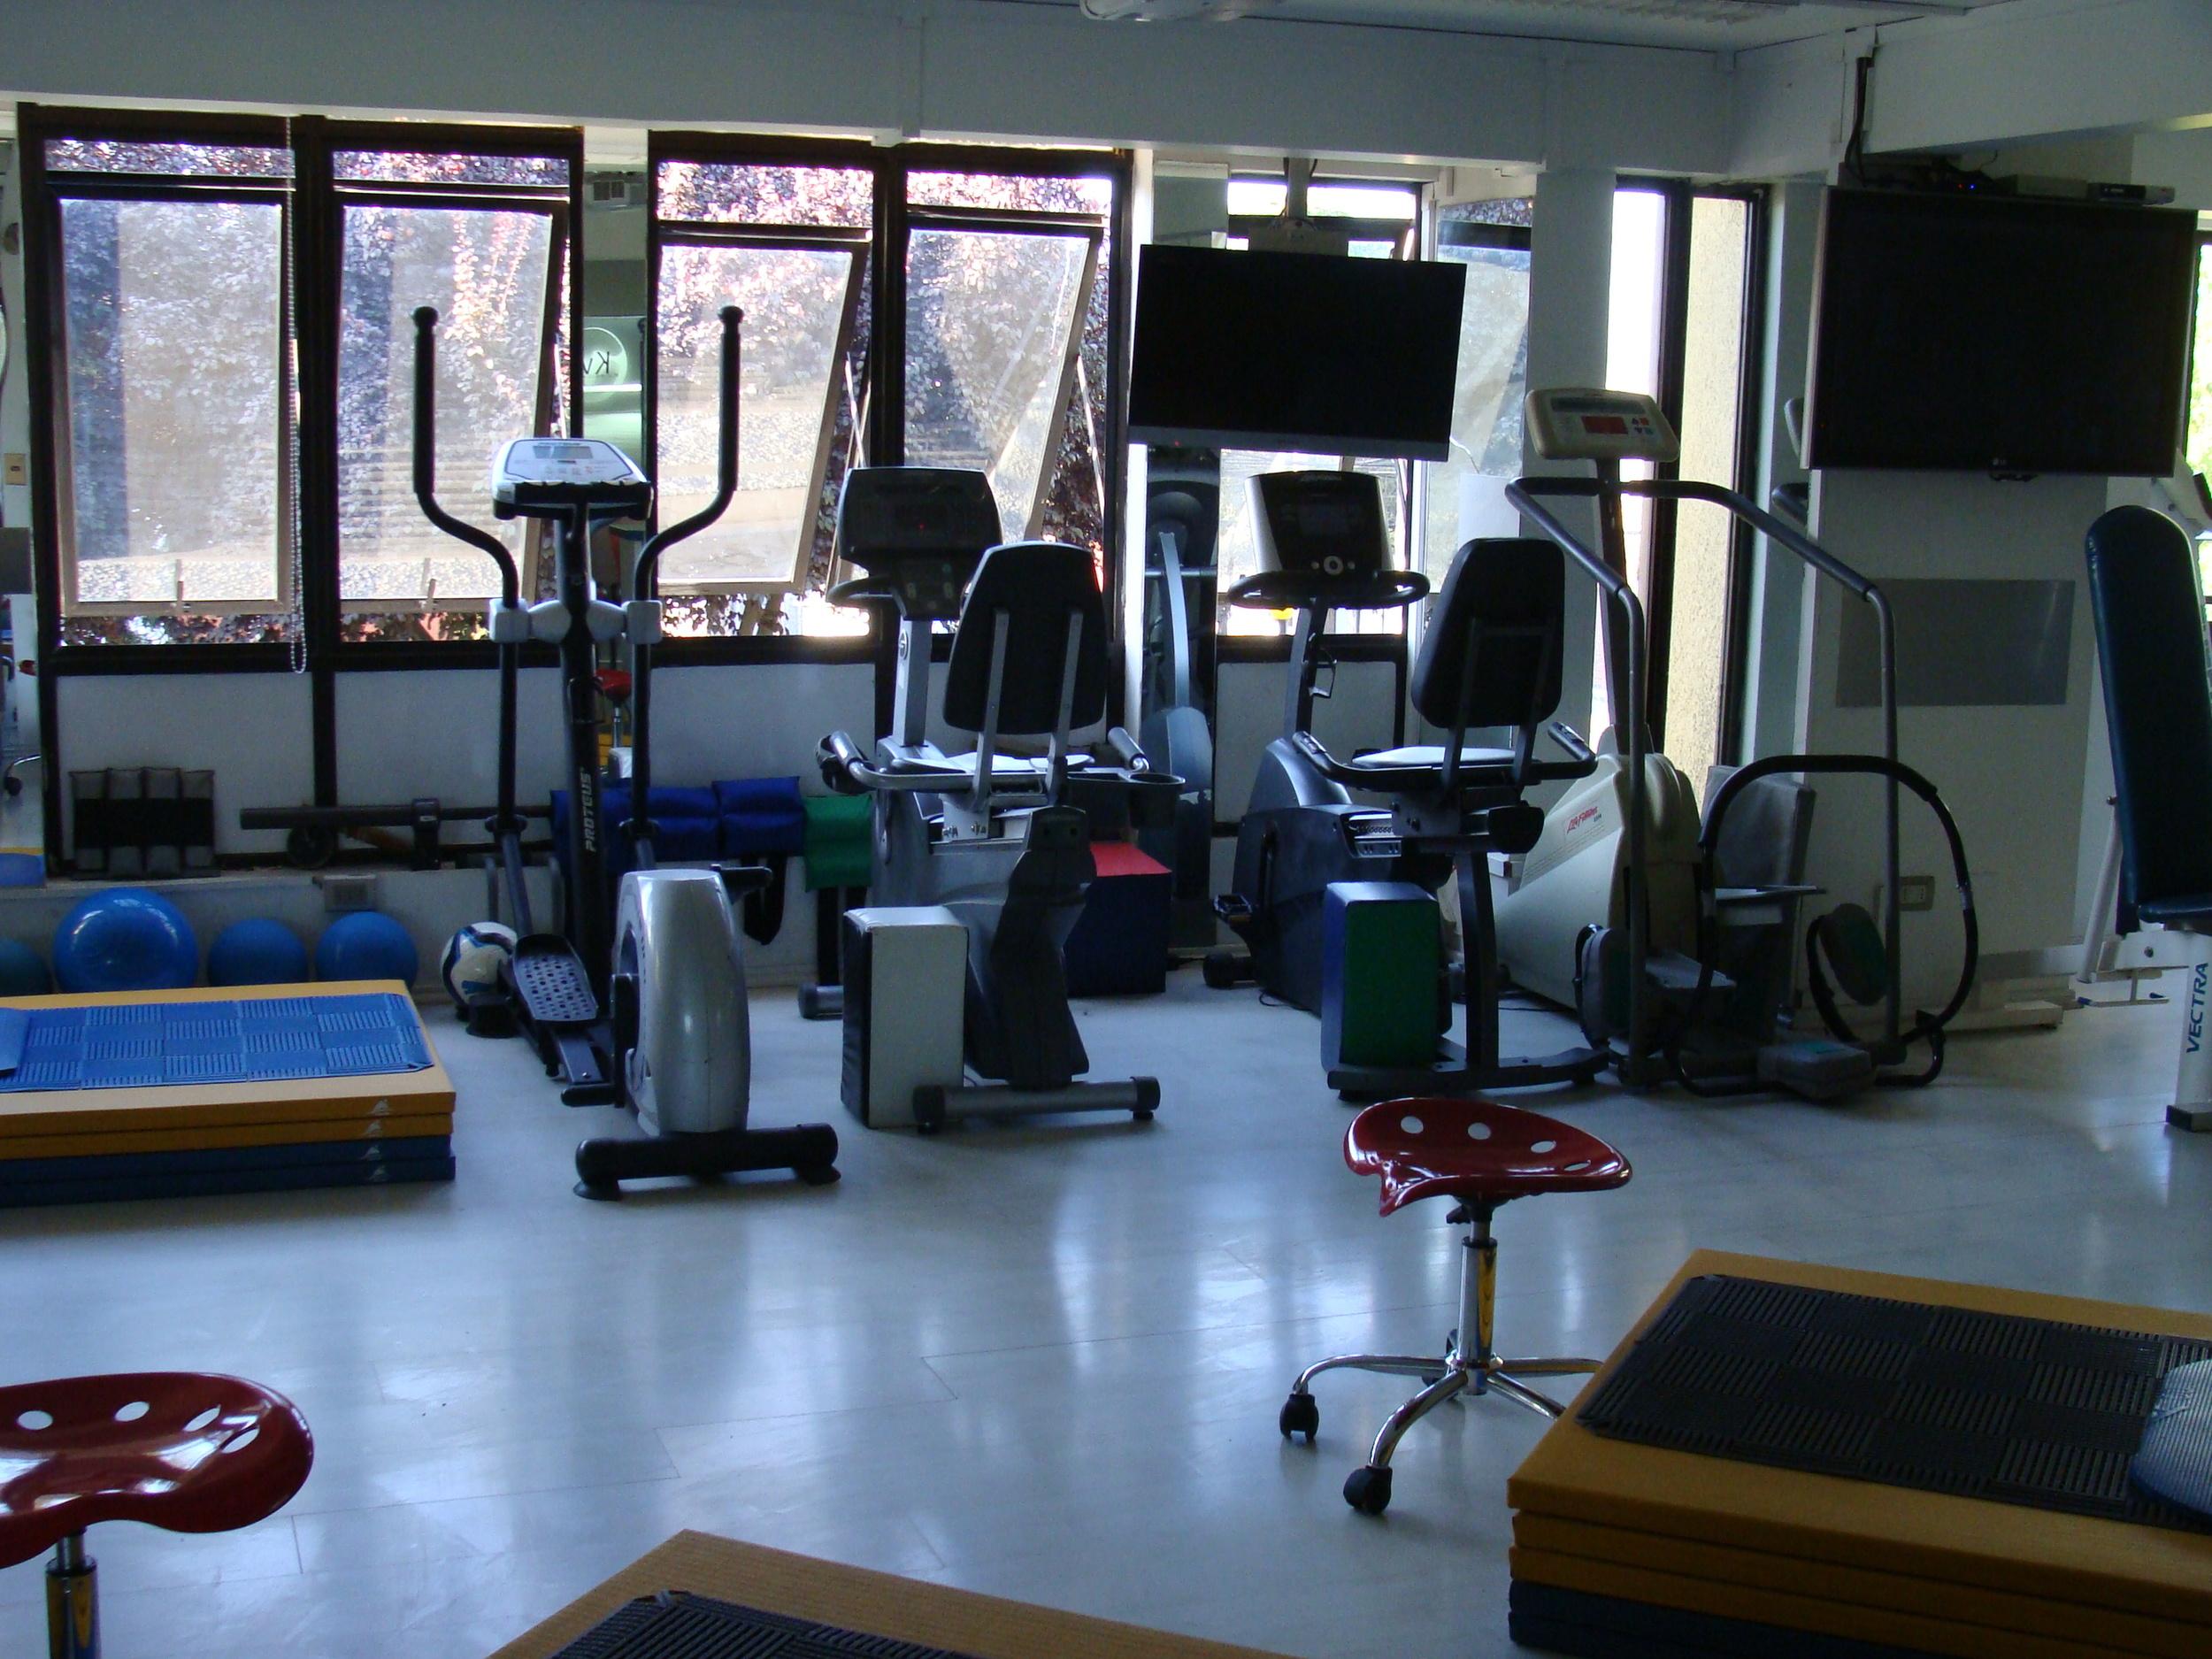 kinesiologia - equipamiento clinica de ejercicio kw.JPG